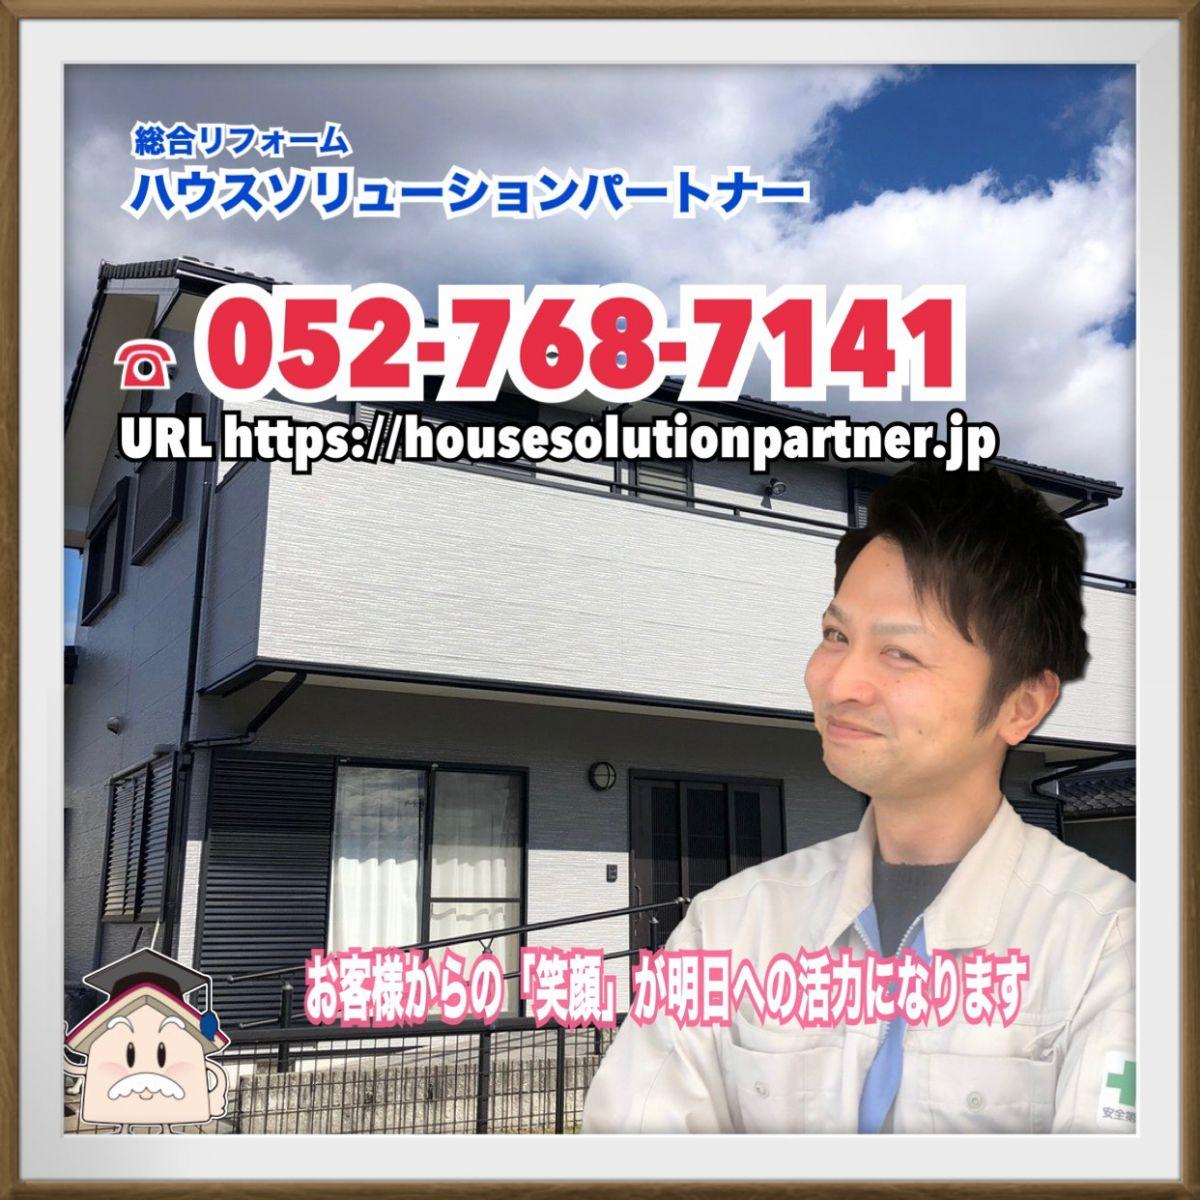 jirei_image53455